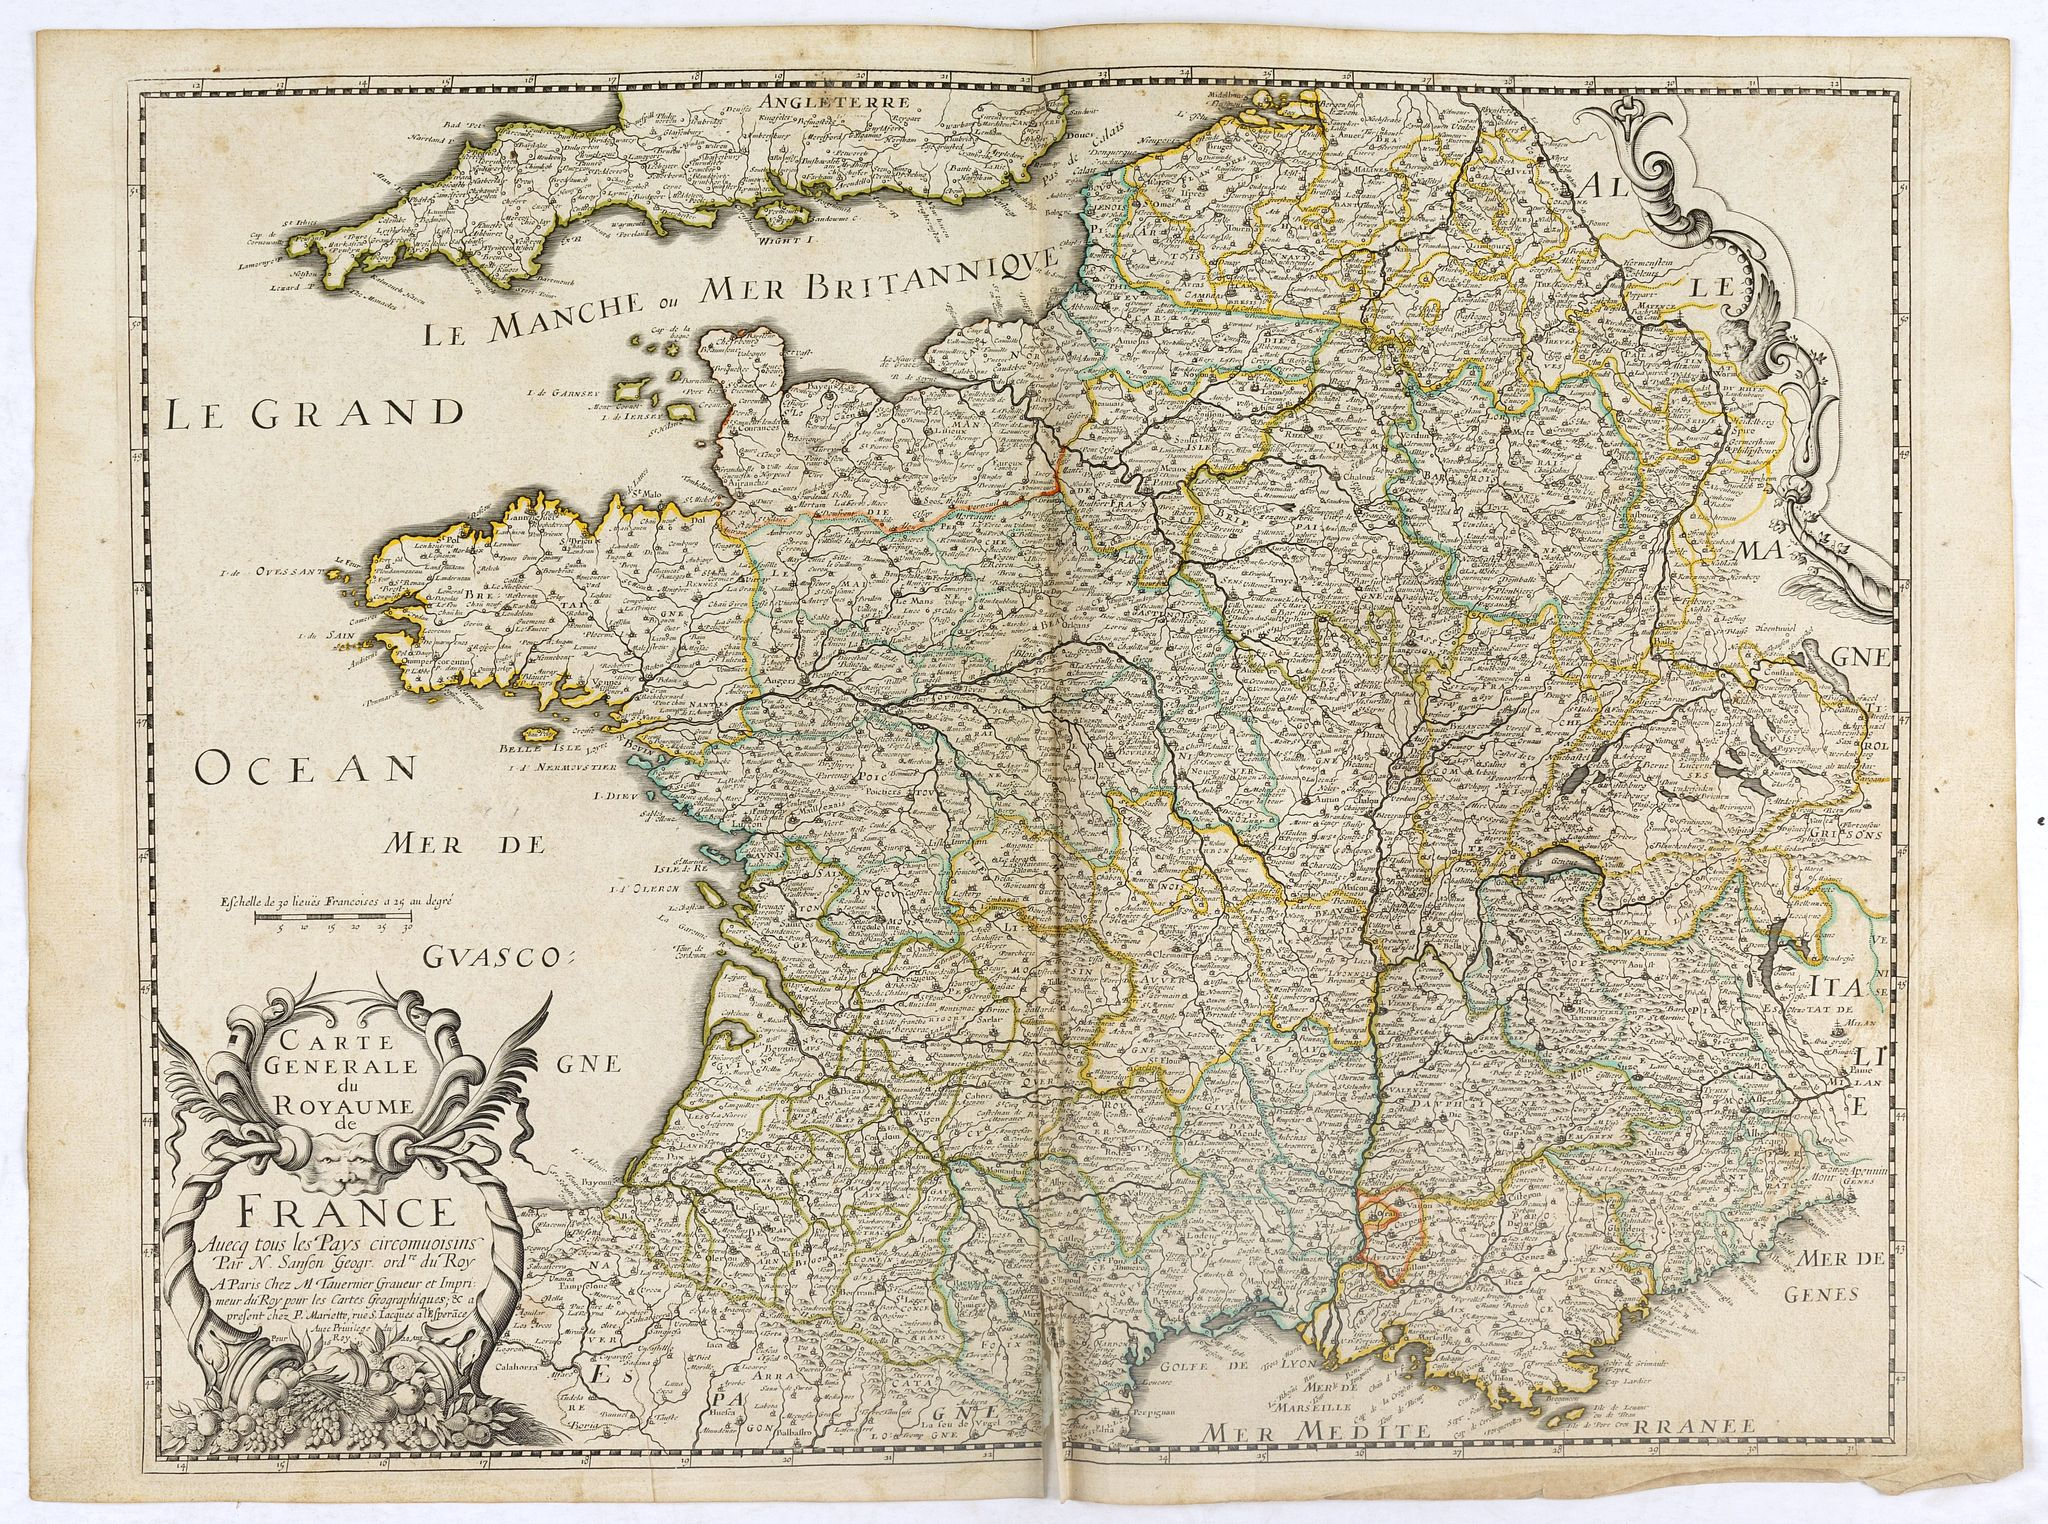 SANSON, N. / TAVERNIER, M. -  Carte Generale du Royaume de France.